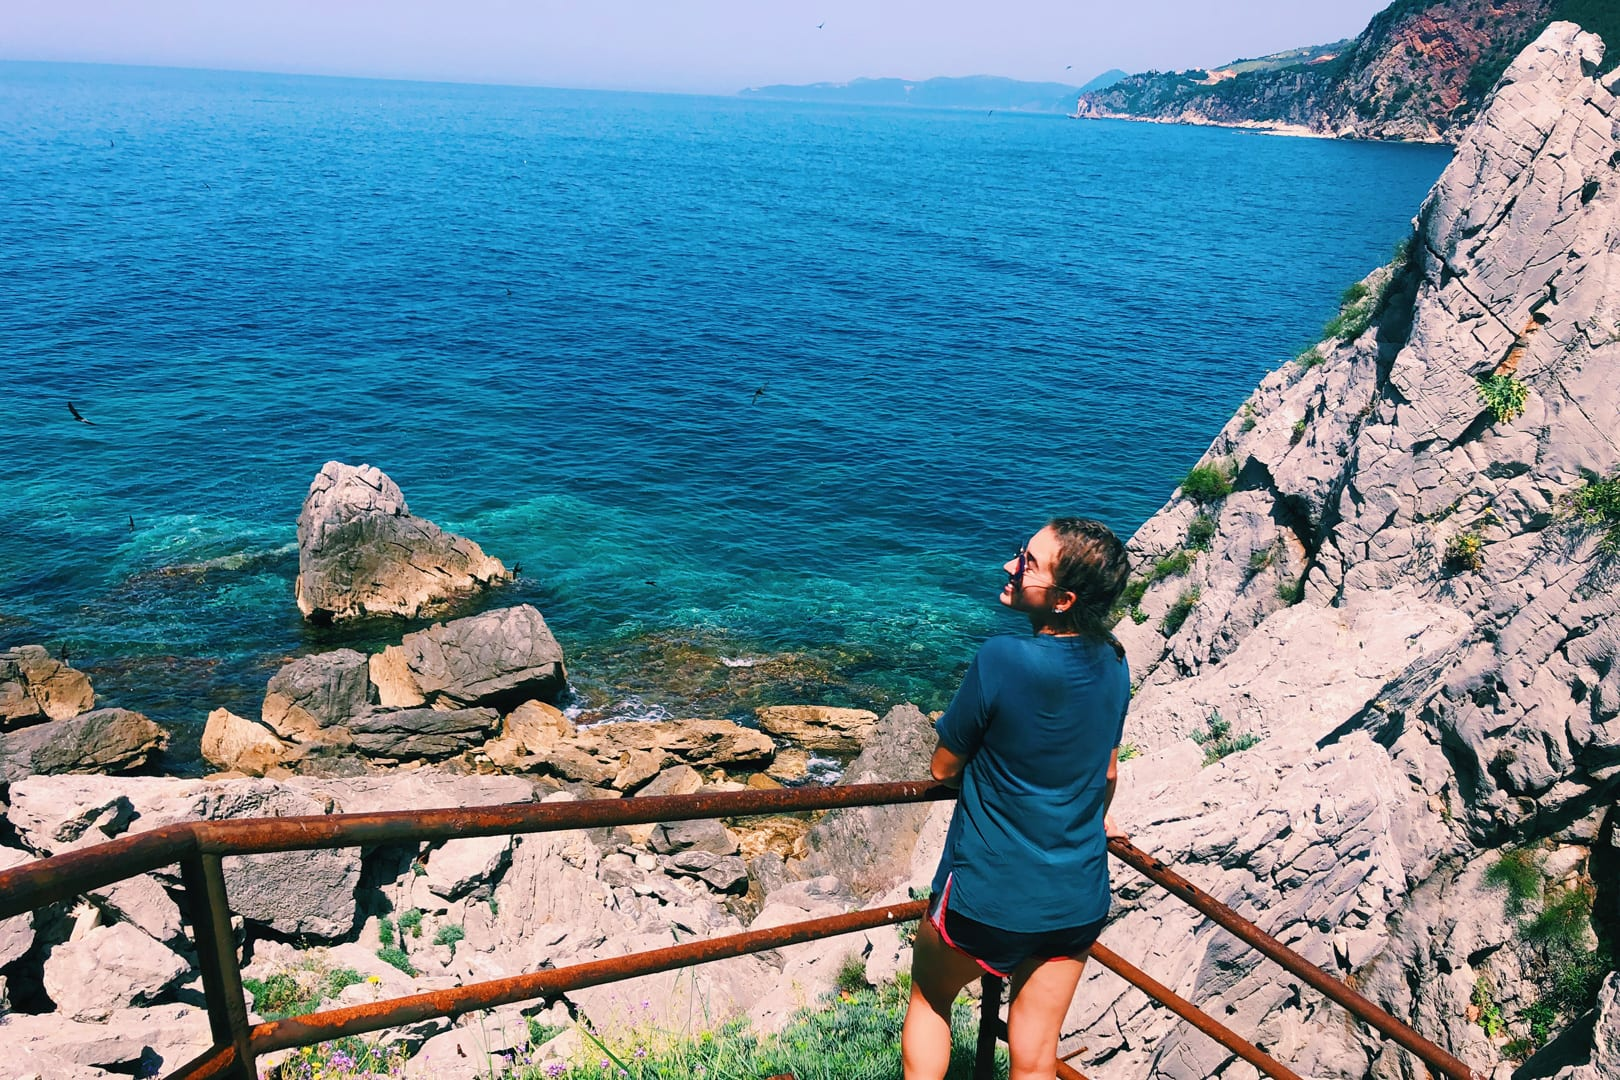 Student overlooking Montenegro bay